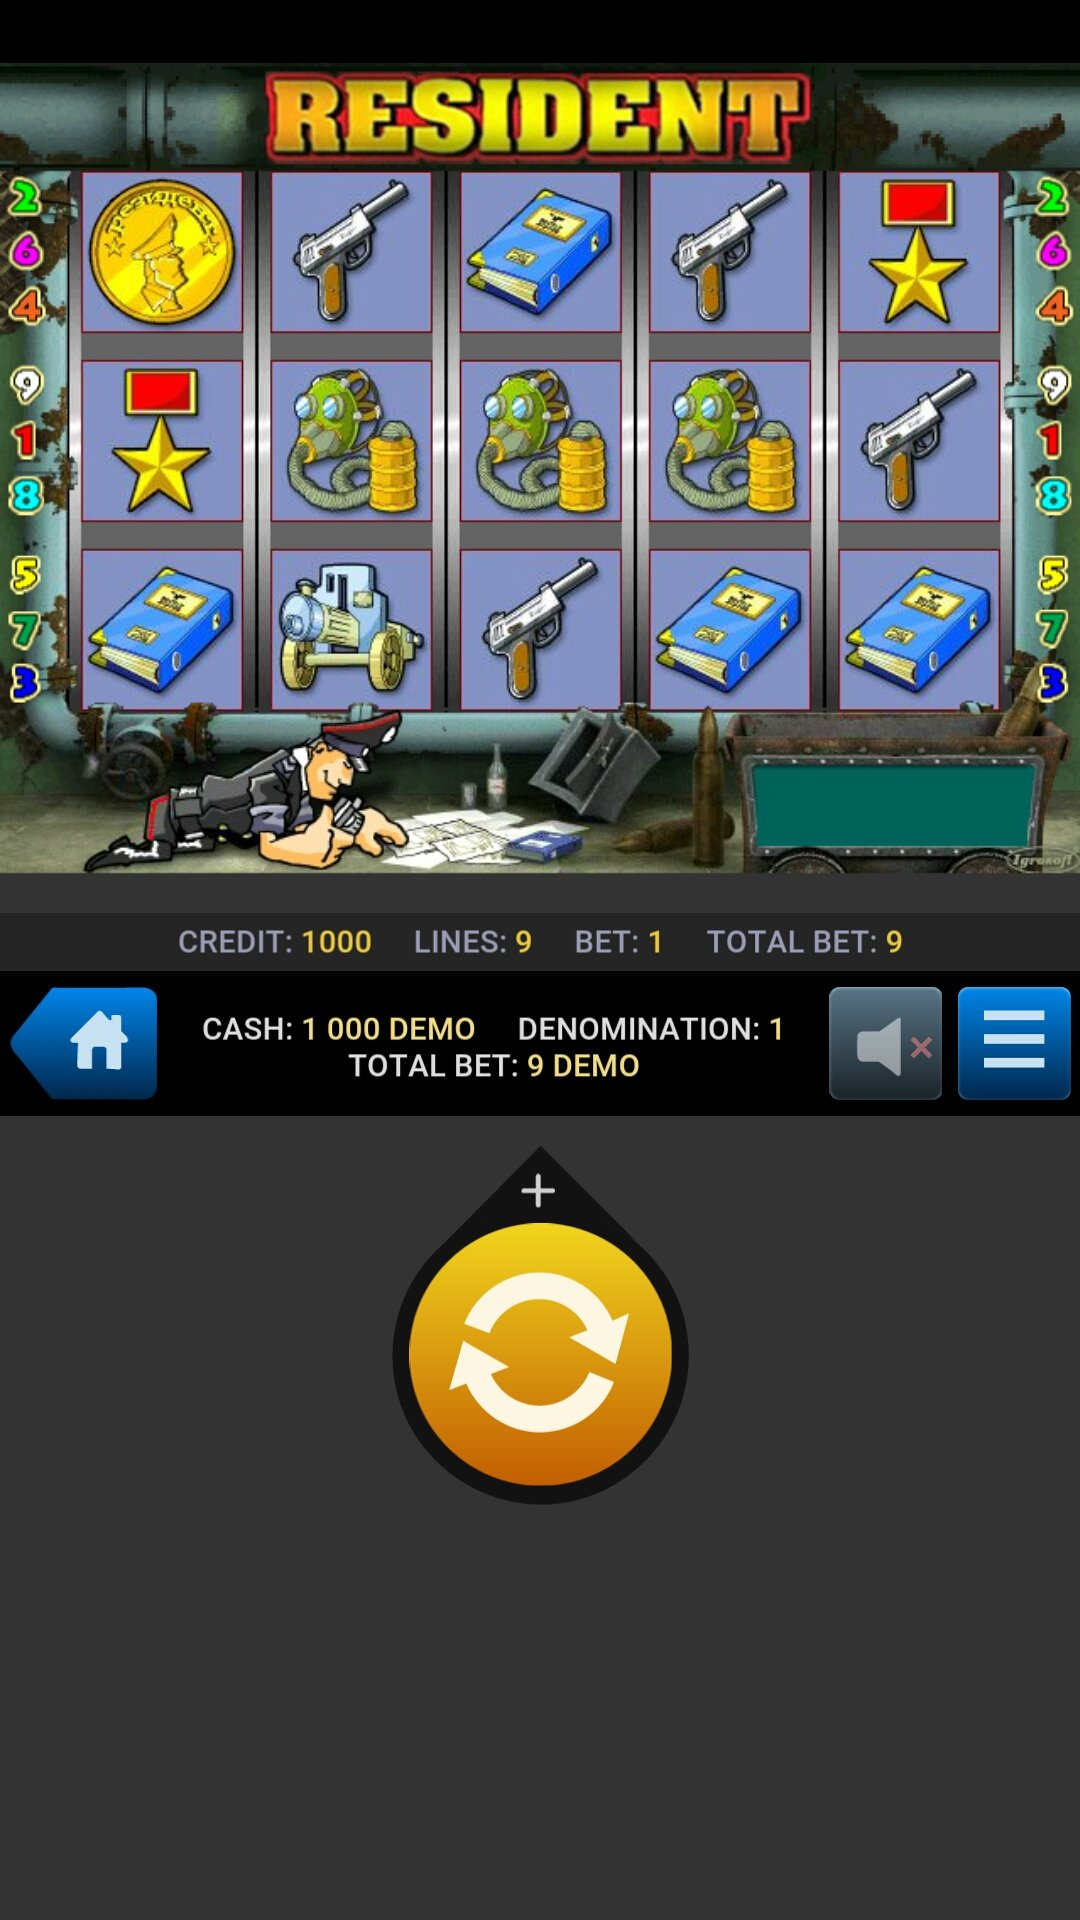 Играть онлайн в игровые автоматы бесплатно и без регистрации в деморежиме пользователи могут на сайте Для этого достаточно выбрать аппарат и запустить демо.